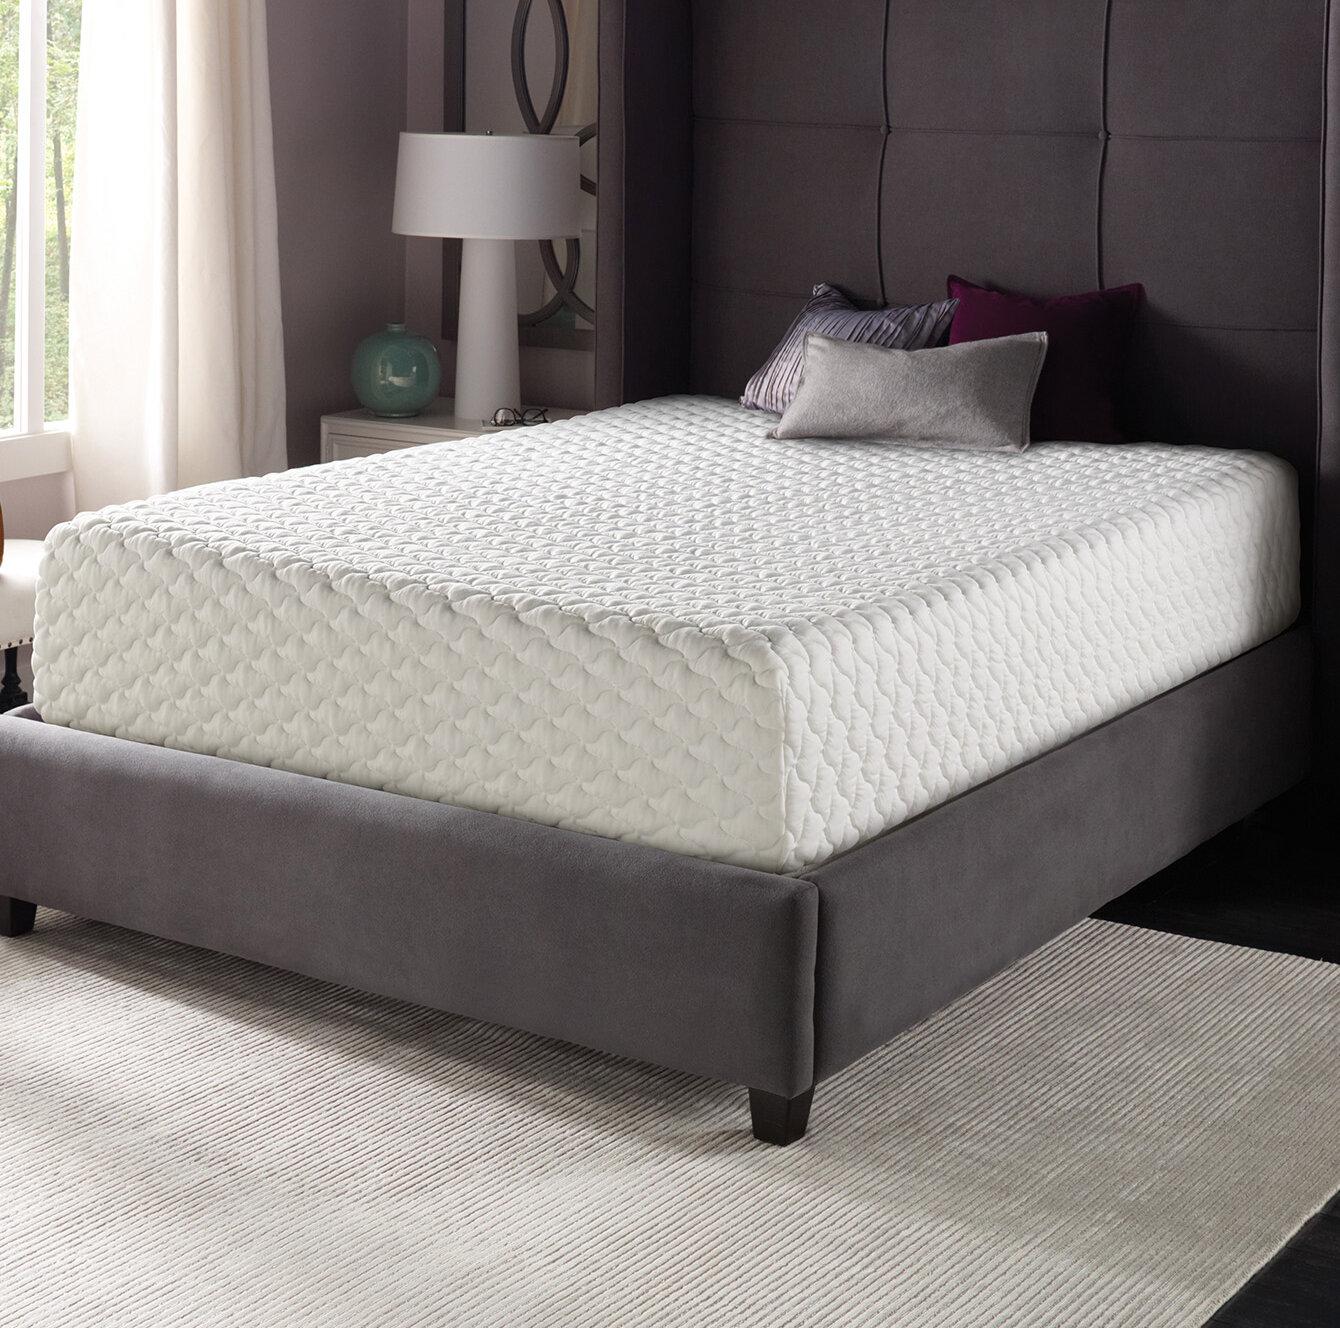 Simmons Beautyrest Beautyrest 12 Medium Gel Memory Foam Mattress